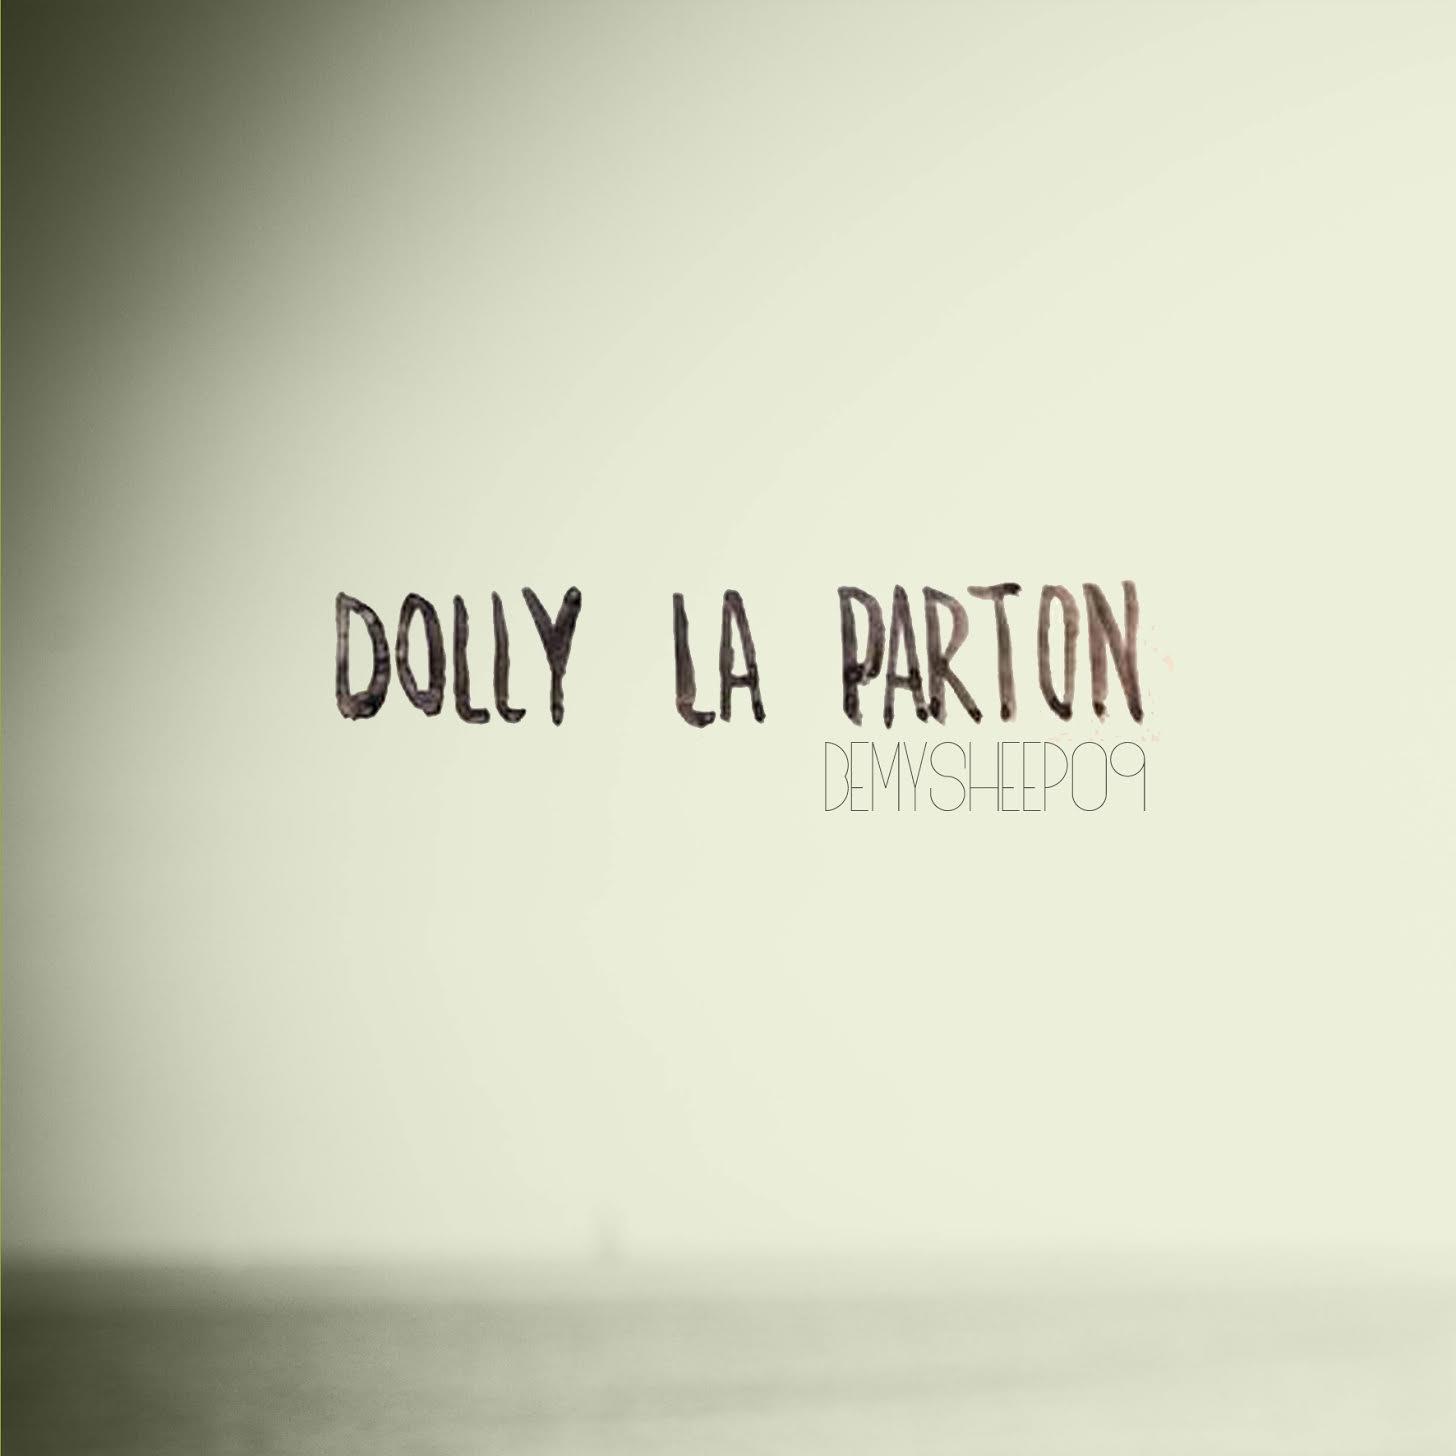 Dolly La Parton presenta el Bemysheep 09